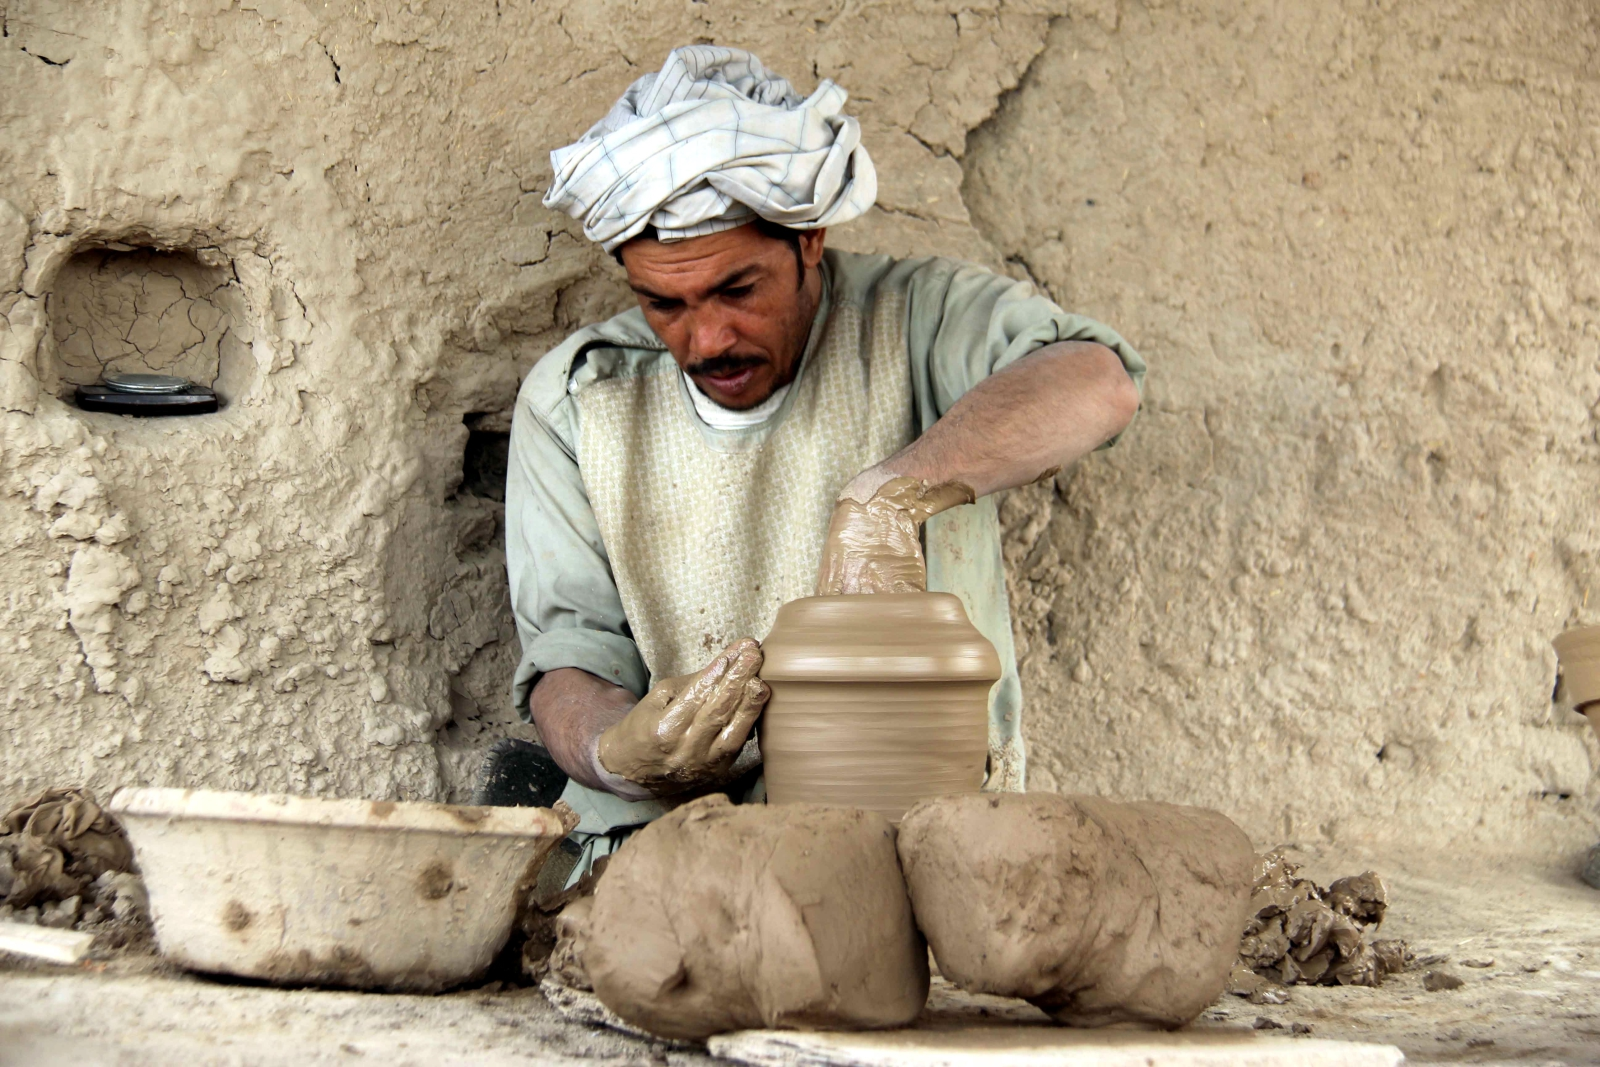 Afganistan. Wyrób naczyń glinianych. fot. EPA/MUHAMMAD SADIQ